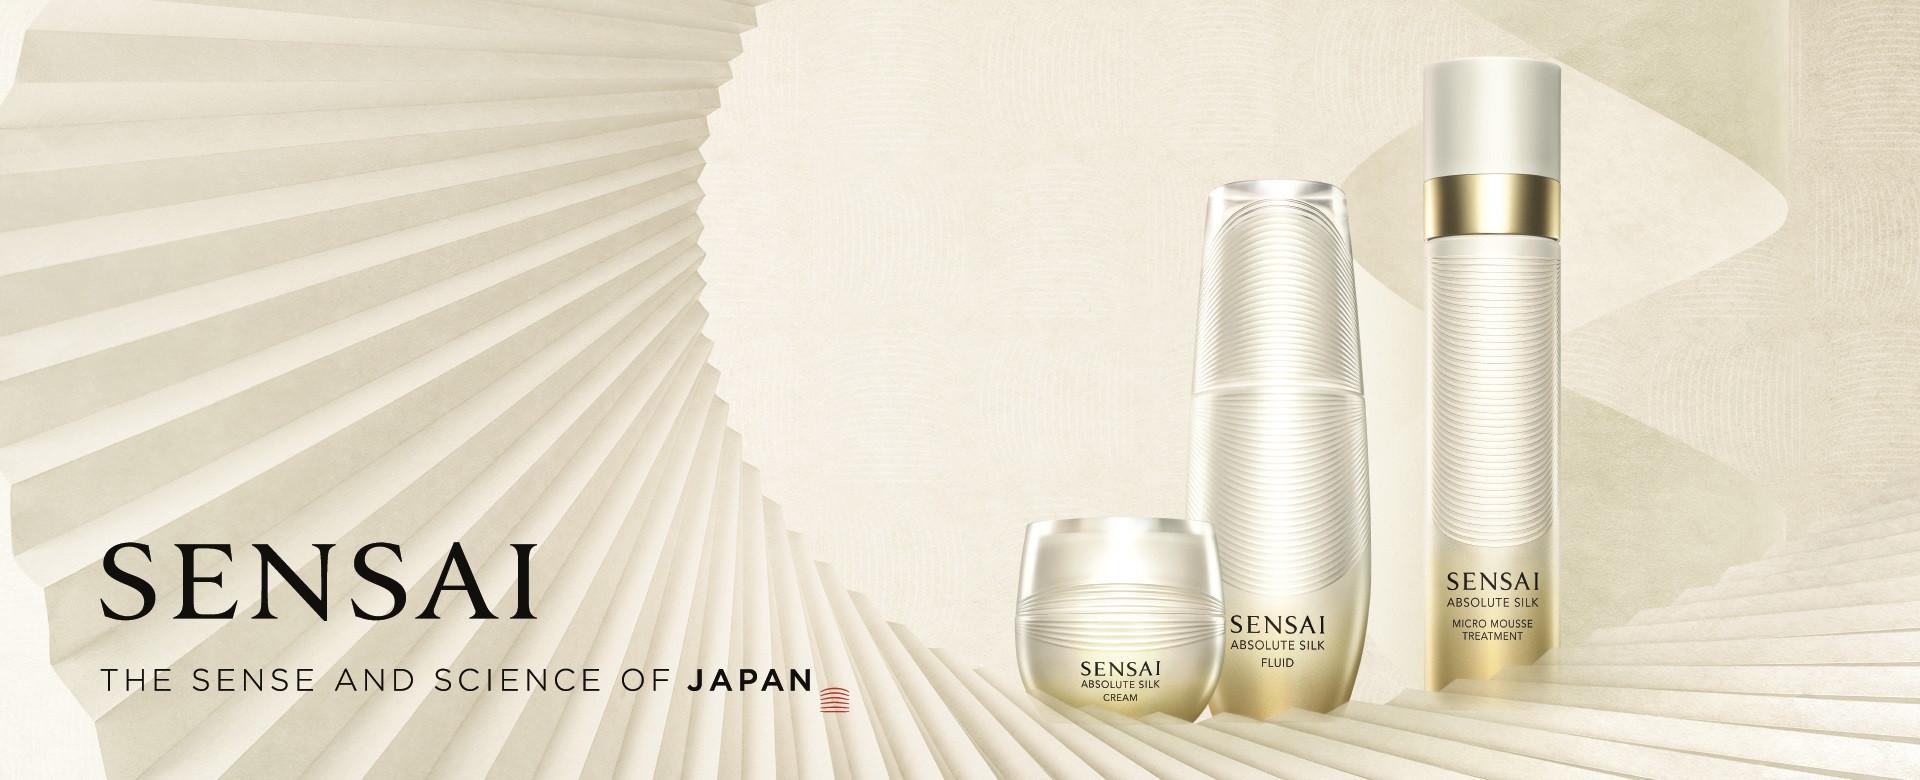 Sensai Japan